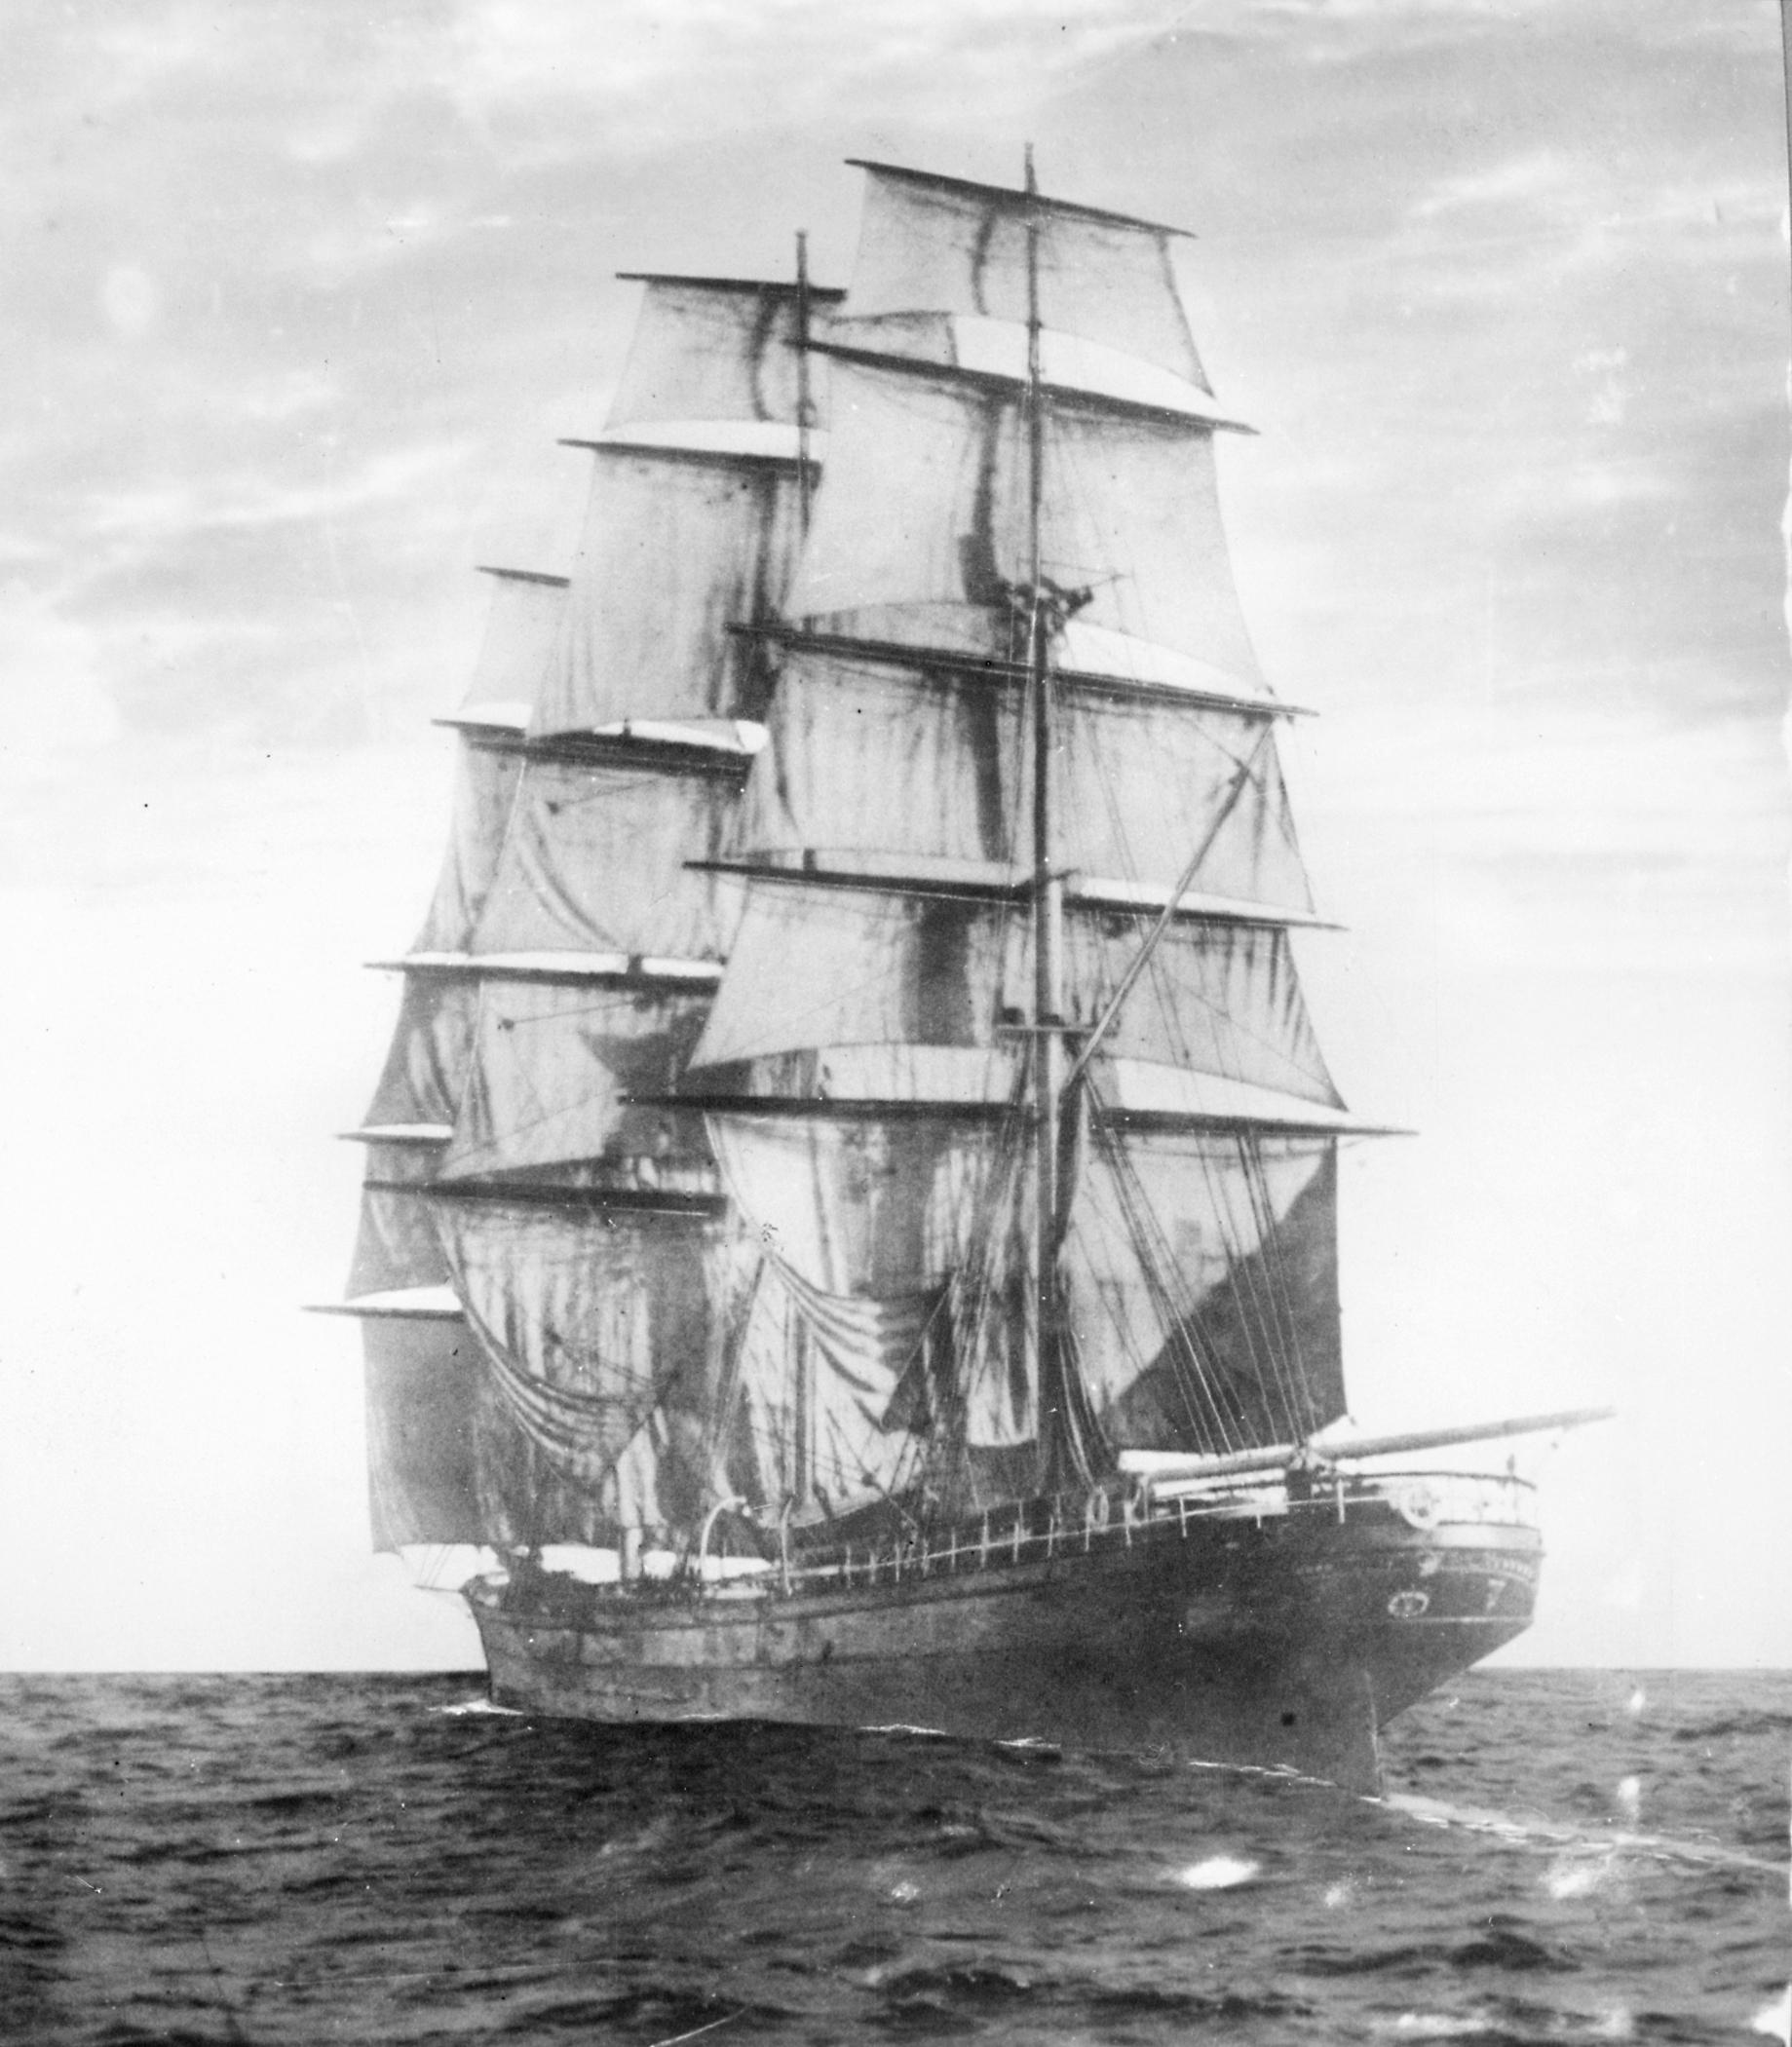 Cutty Sark Clipper Ship 1869 Pirate Directory